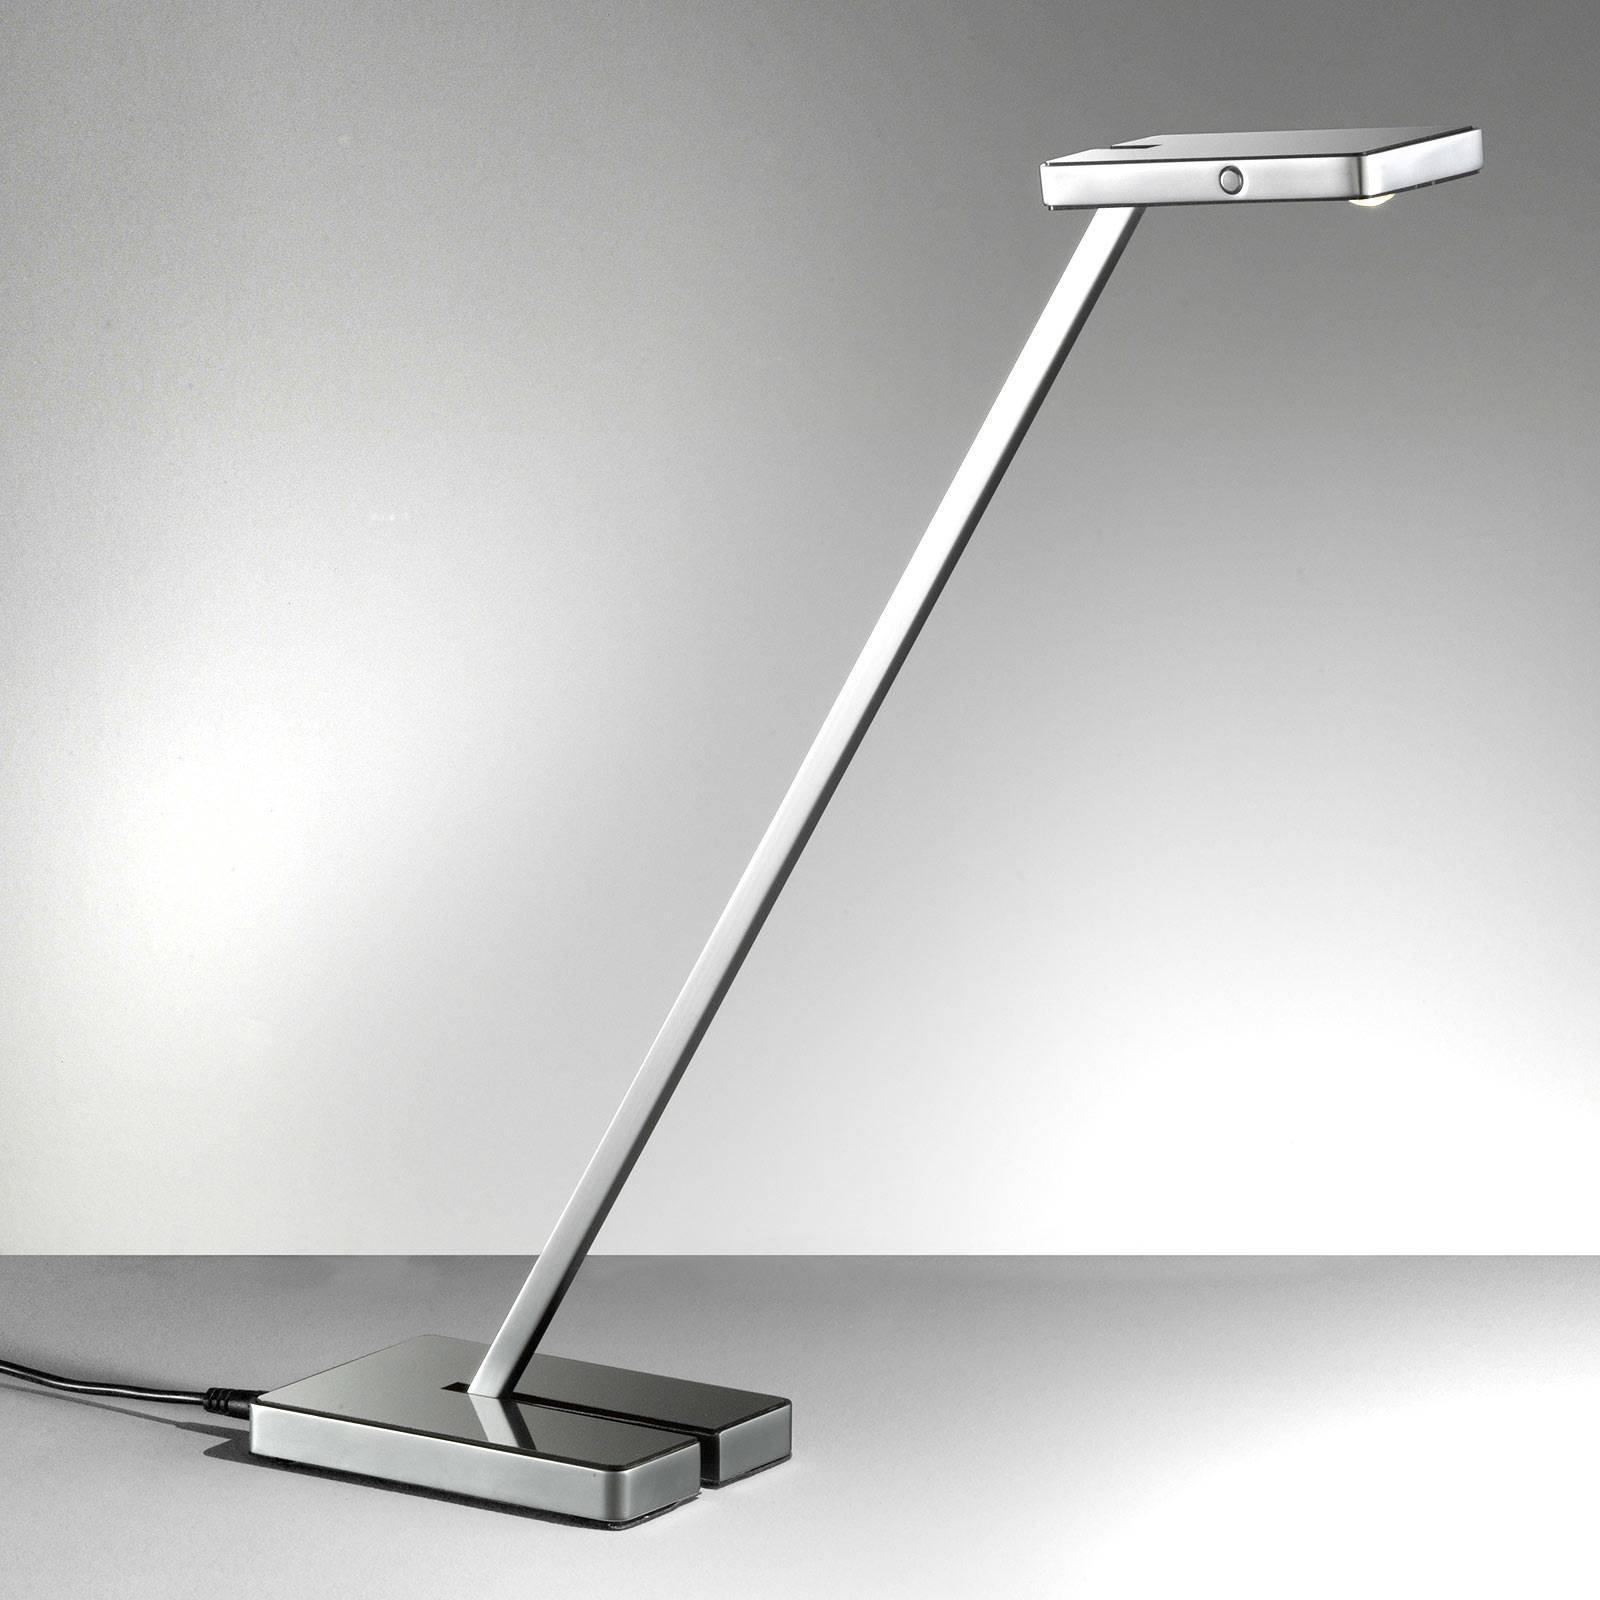 LED-skrivebordslampe Lincon med dimmer